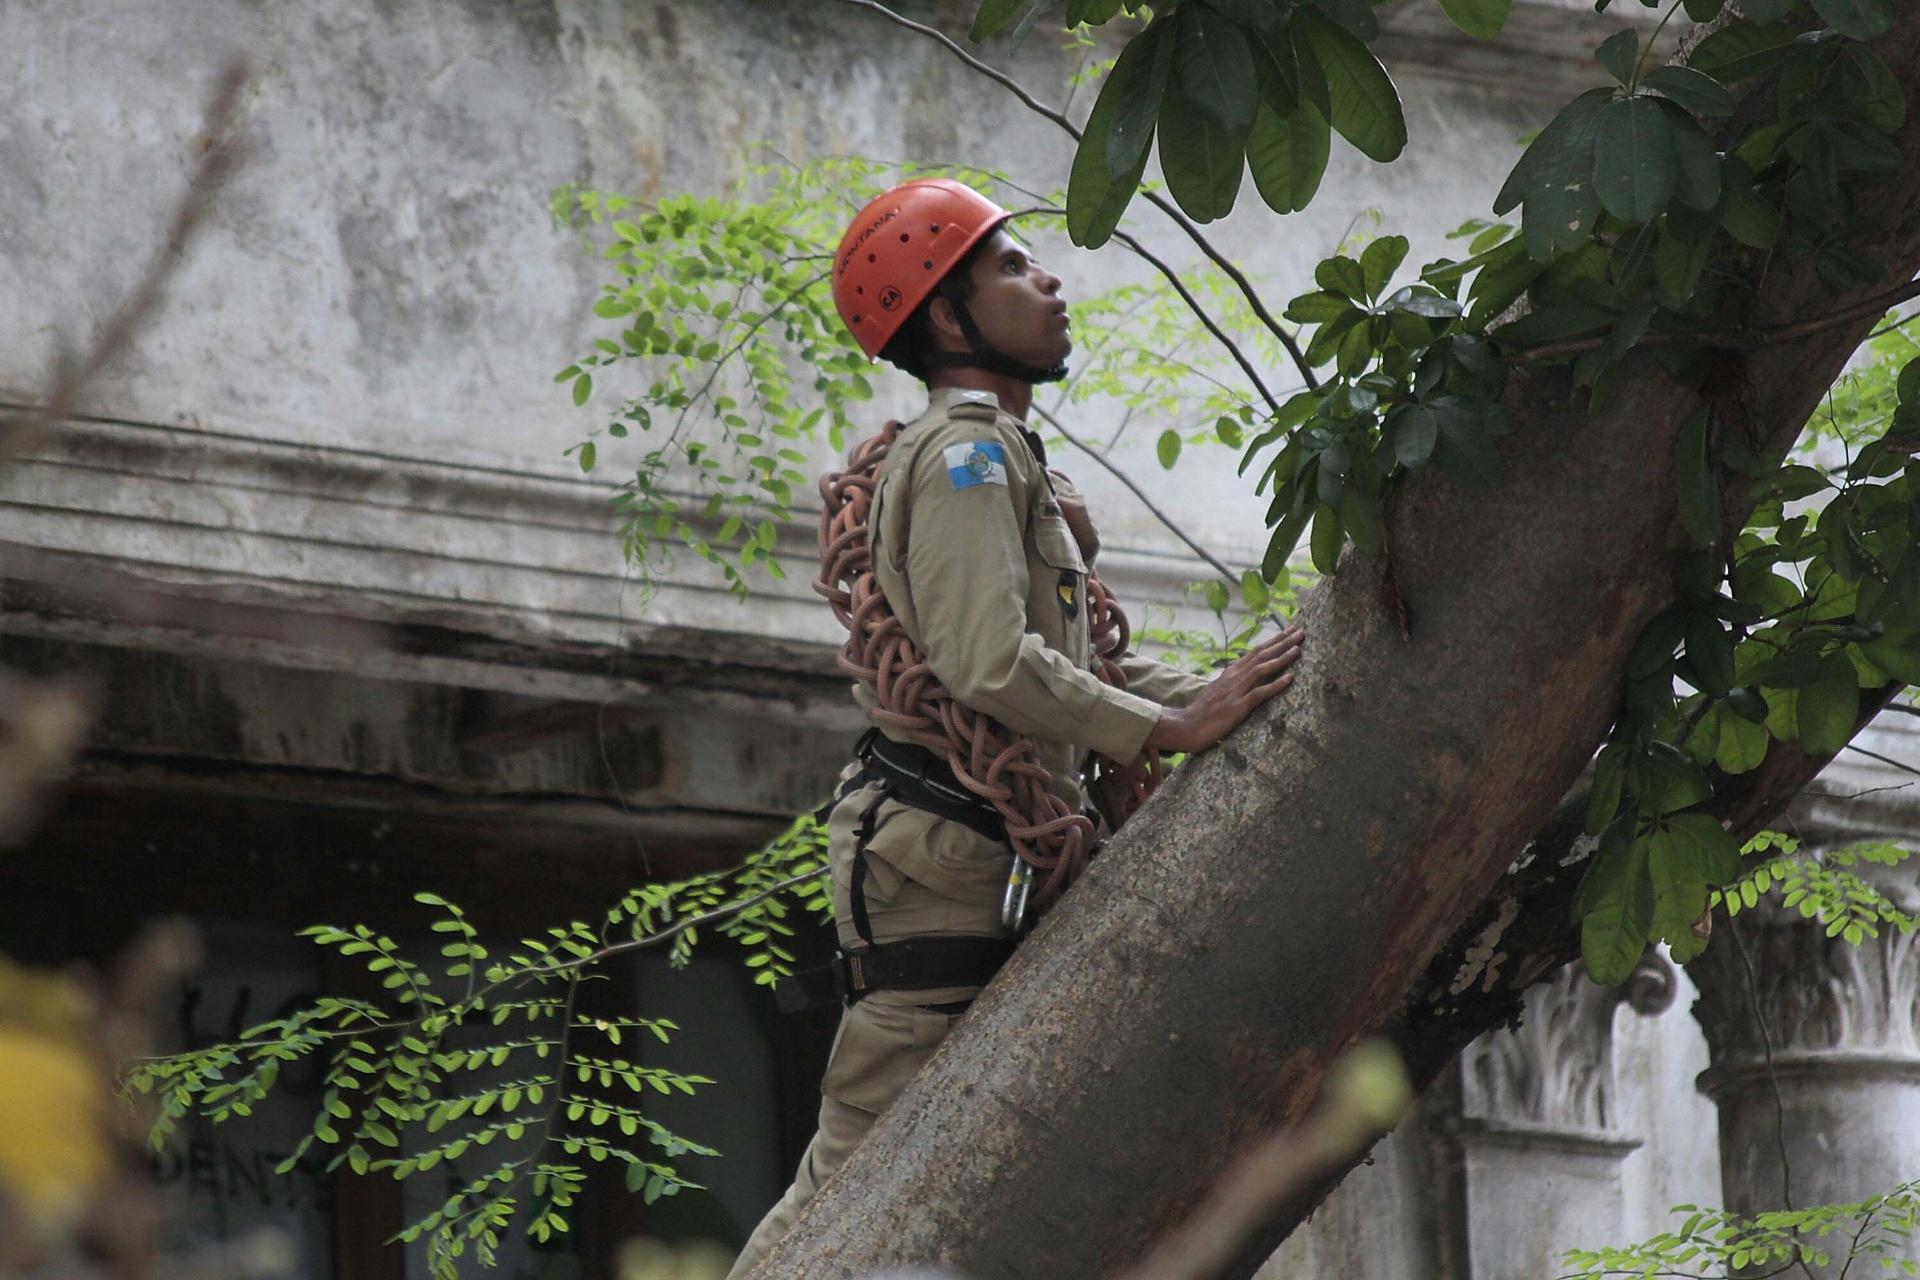 17.dez.2013 - O Corpo de Bombeiros conseguiu retirar o índio Urutau José Guajajara, que estava há cerca de 26 horas em cima de uma árvore na área do antigo prédio do Museu do Índio, no Maracanã, na zona norte do Rio de Janeiro. Os militares subiram na árvore com uma escada e chegaram à copa com a ajuda de uma escada magirus